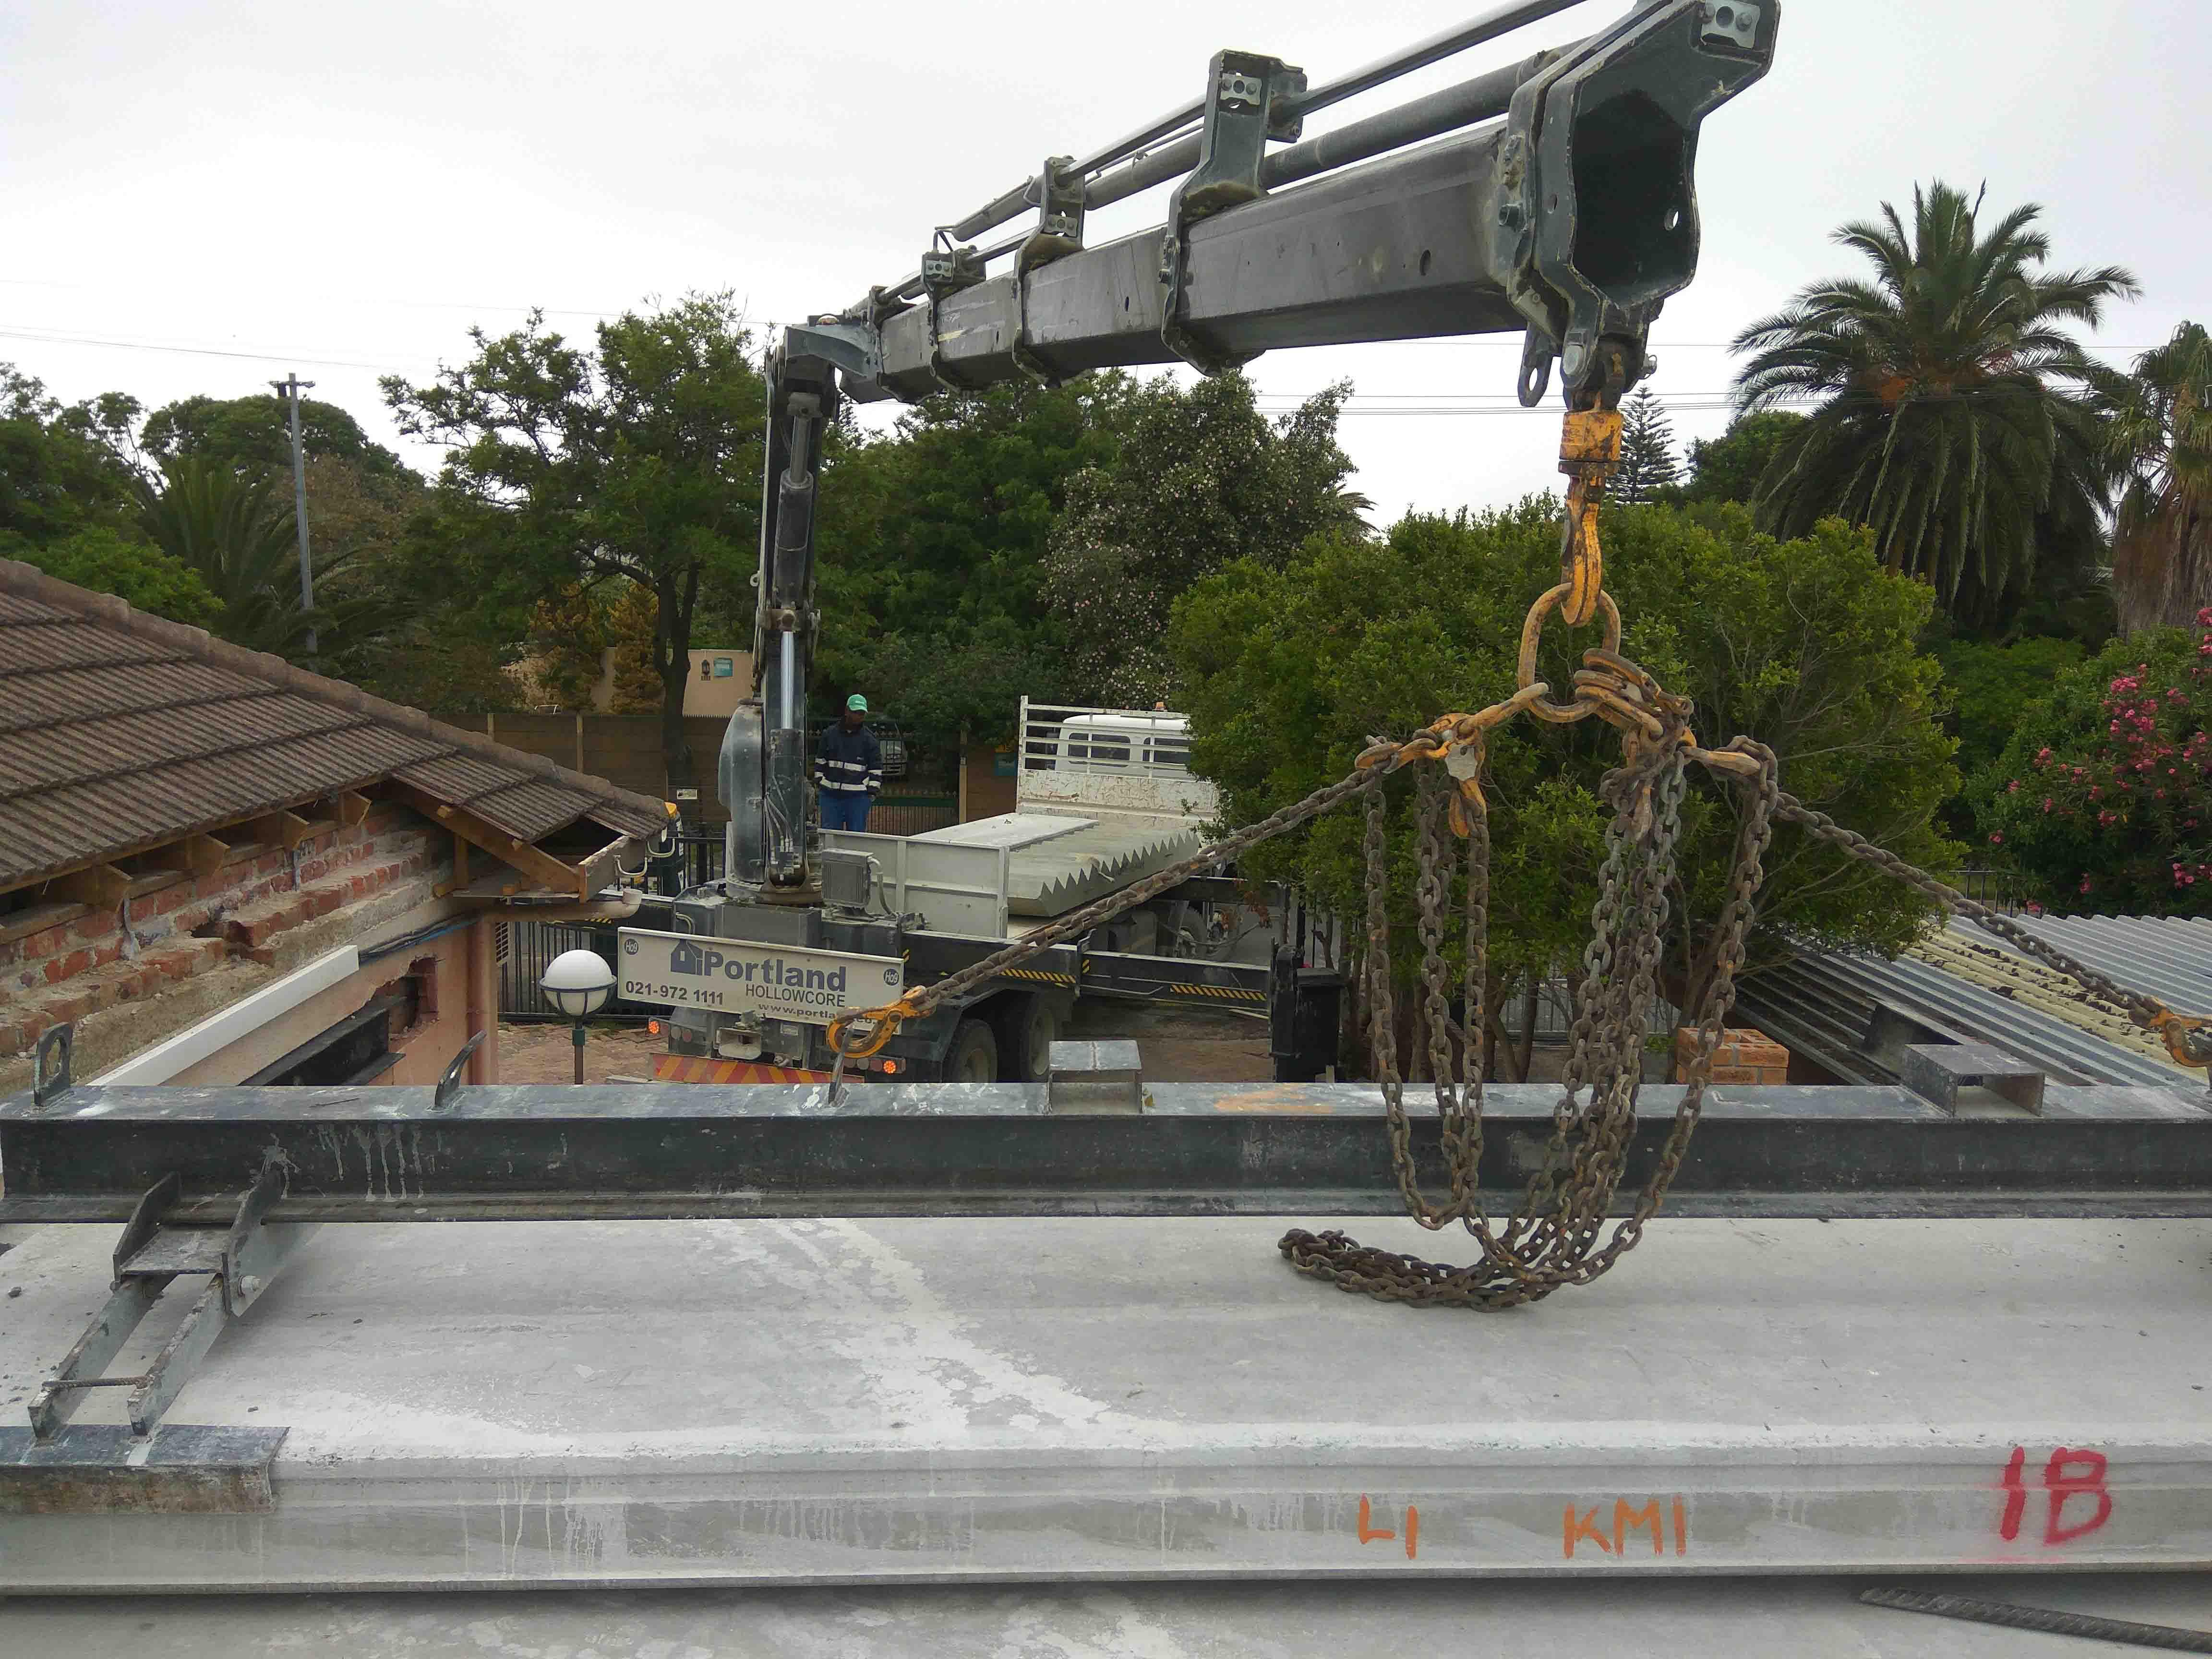 Logistics - Cranes